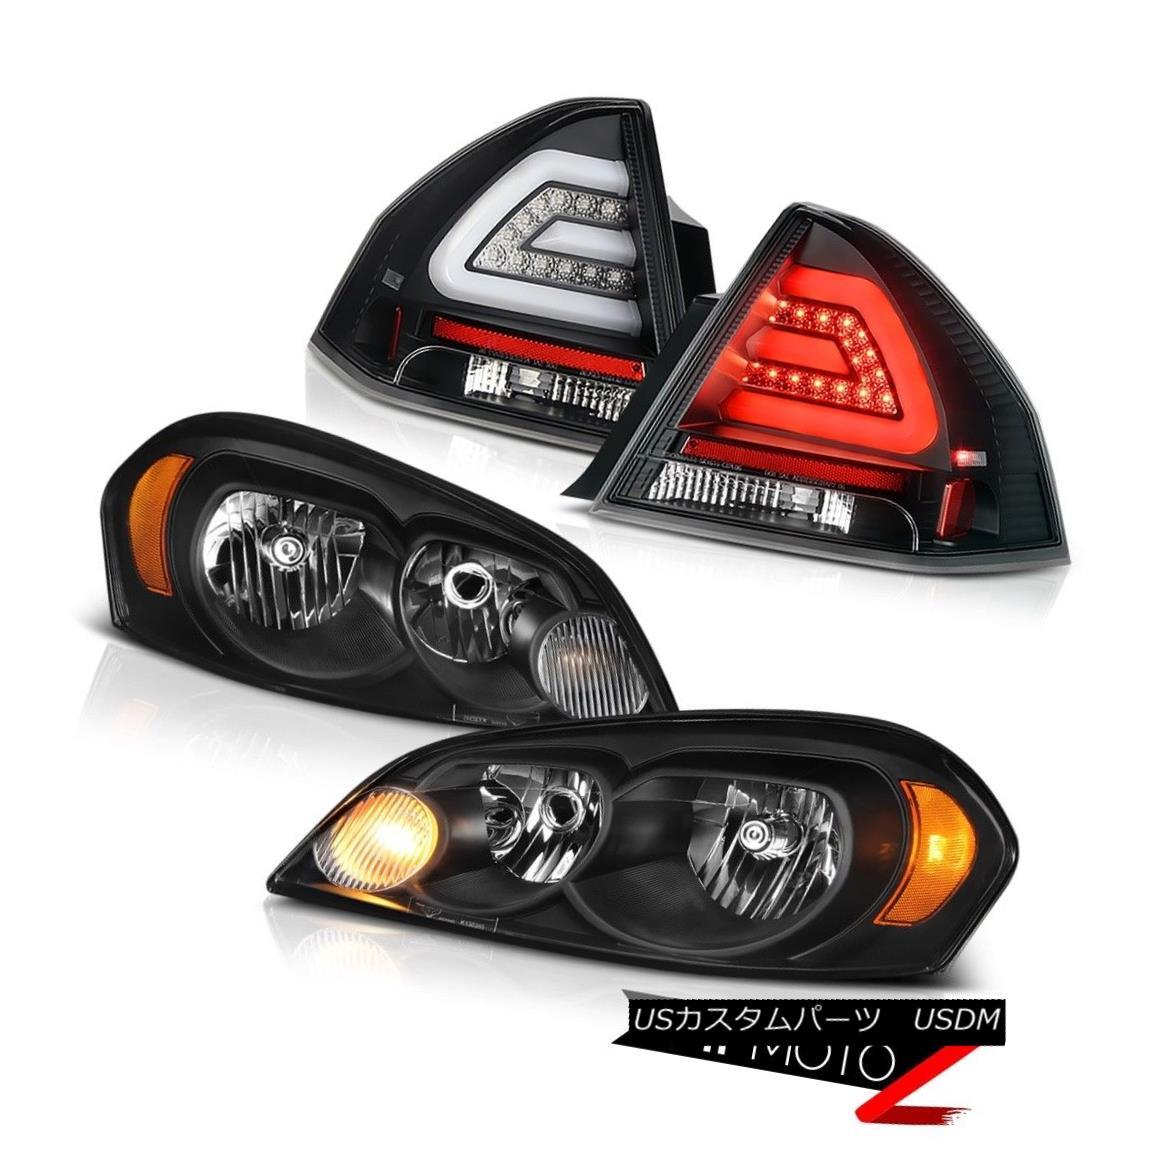 ヘッドライト 2006-2013 CHEVY IMPALA LTZ Raven black rear brake lamps headlights LED OE Style 2006-2013 CHEVY IMPALA LTZ RavenブラックリアブレーキランプヘッドライトLED OEスタイル